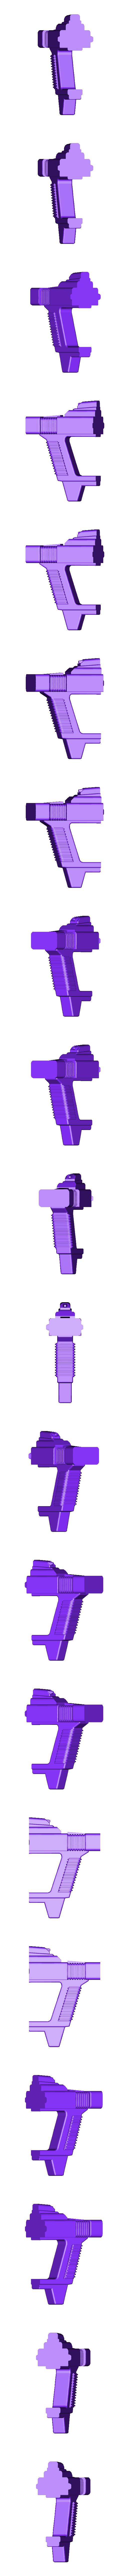 Compression_rifle_v2_3.stl Download free STL file Star Trek Voyager Compression Rifle • 3D print design, poblocki1982